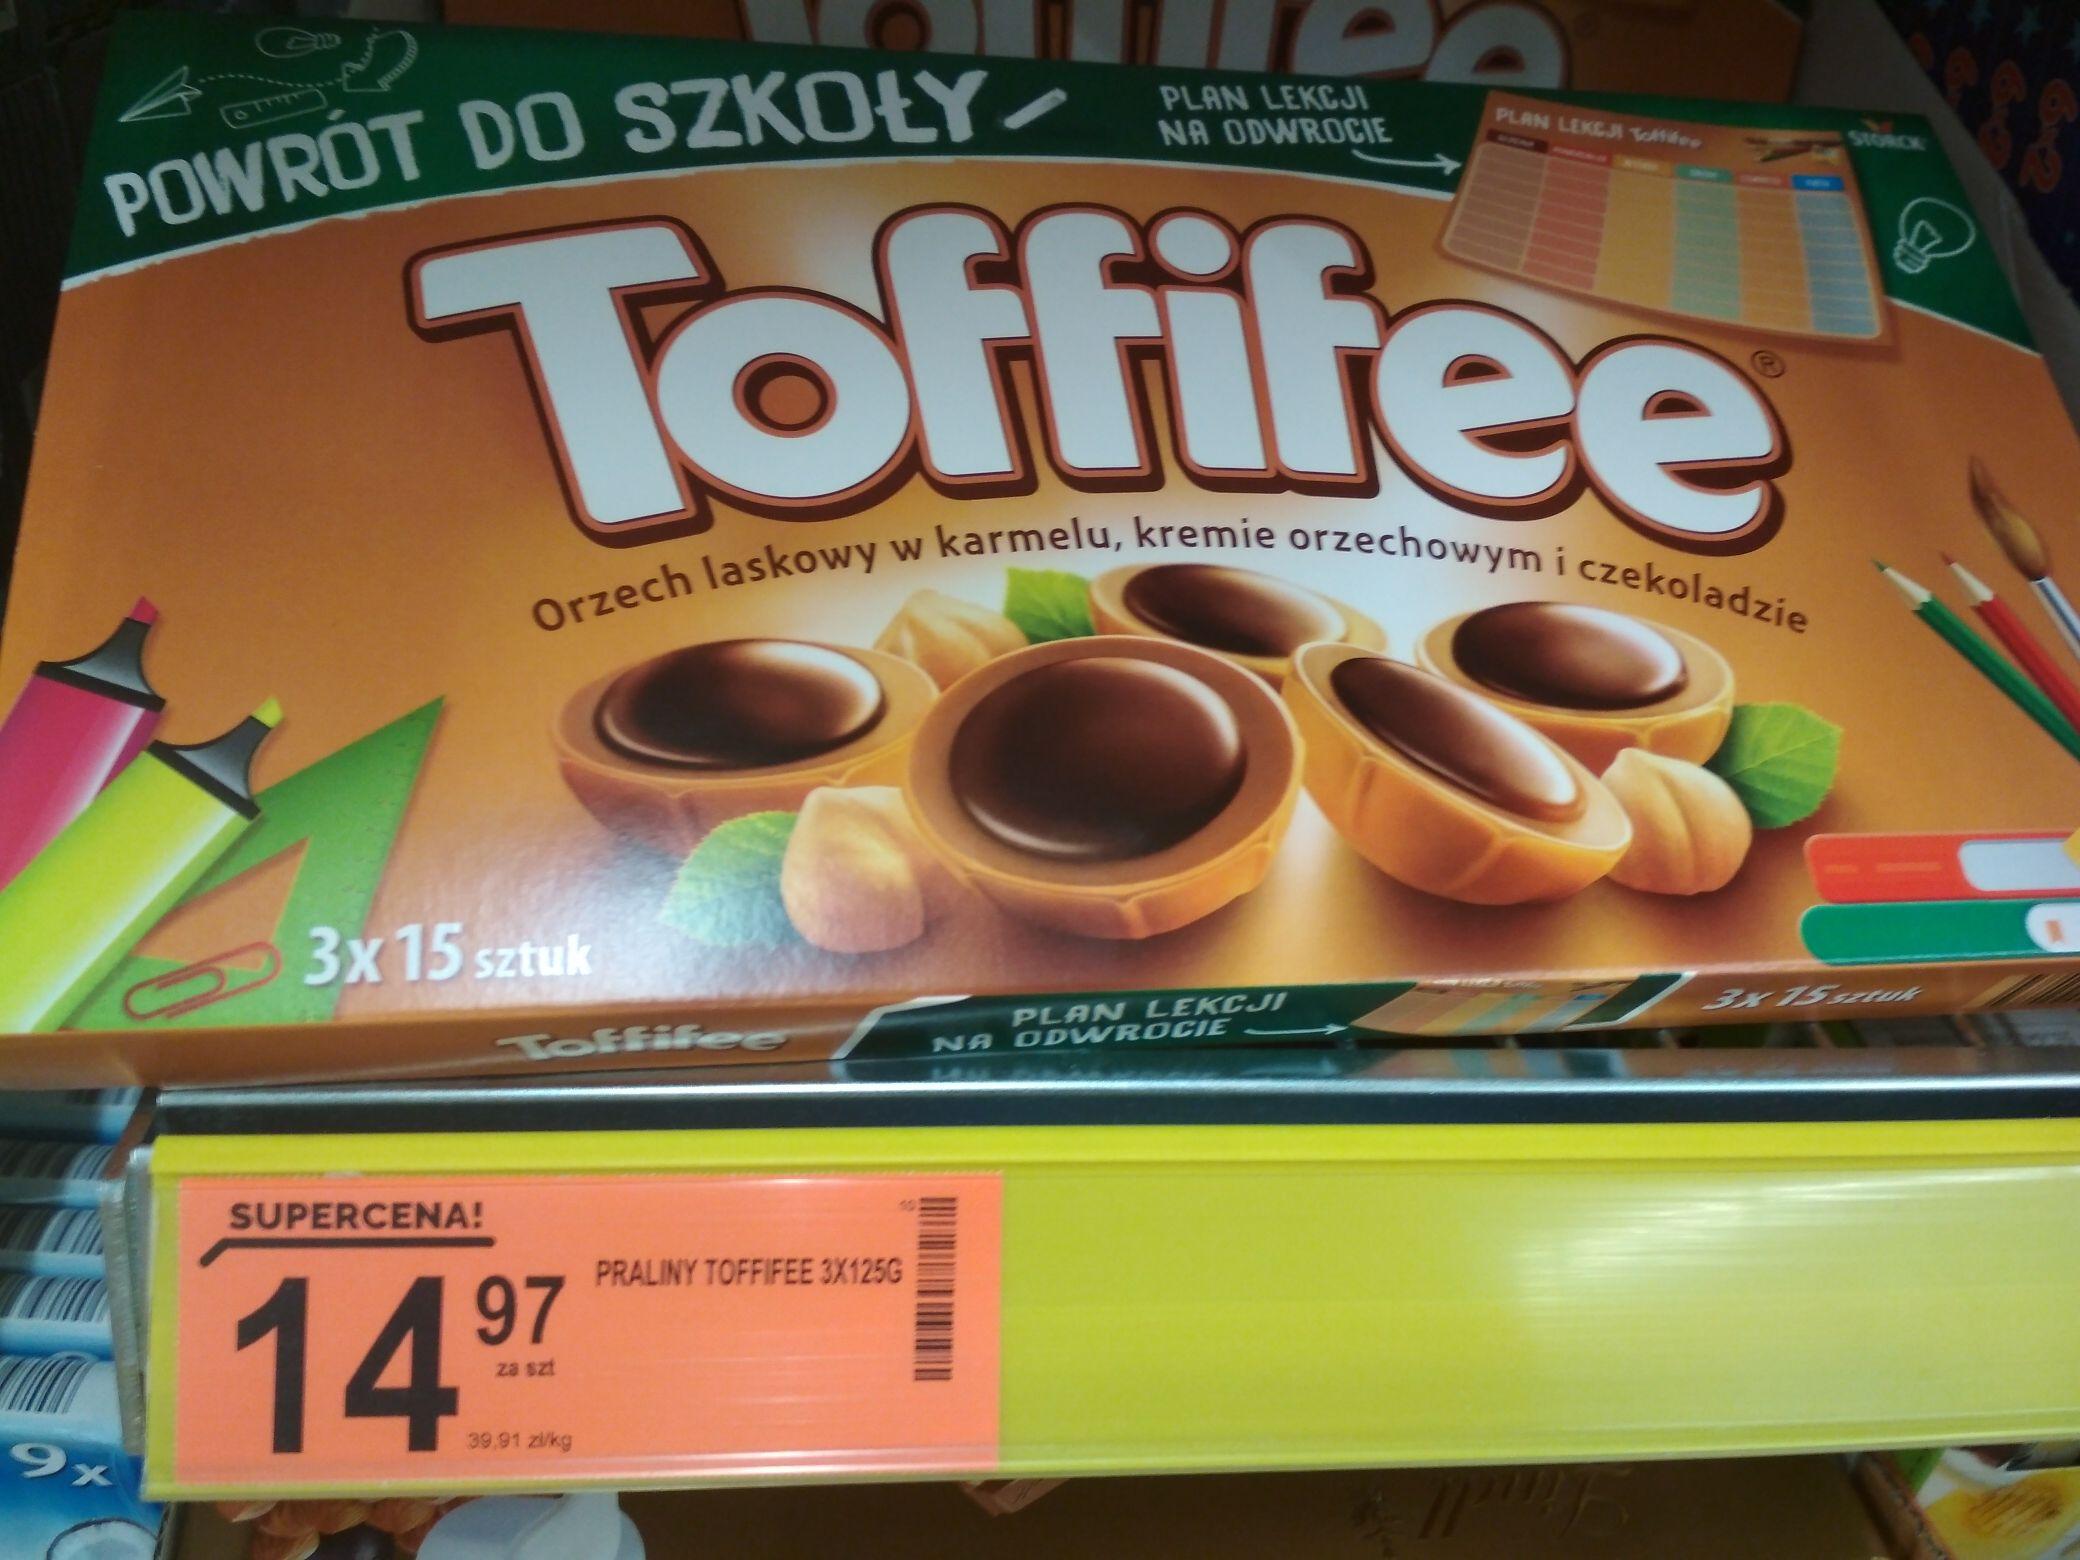 Toffifee - 3x125g mega paczka - Powrót do szkoły